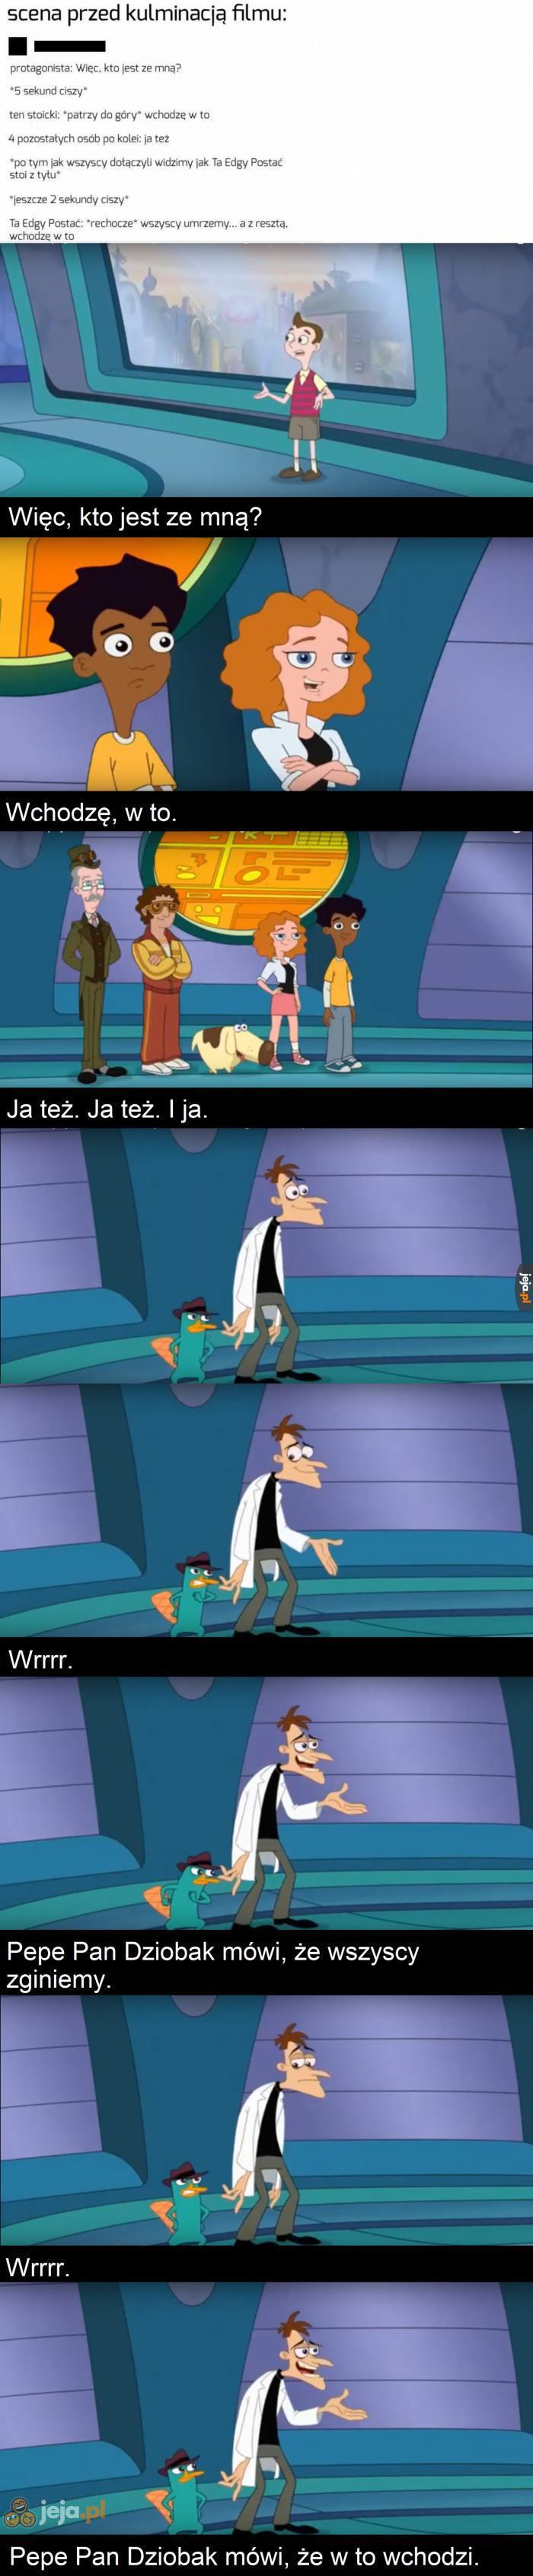 Pepe zawsze był tajemniczym twardzielem